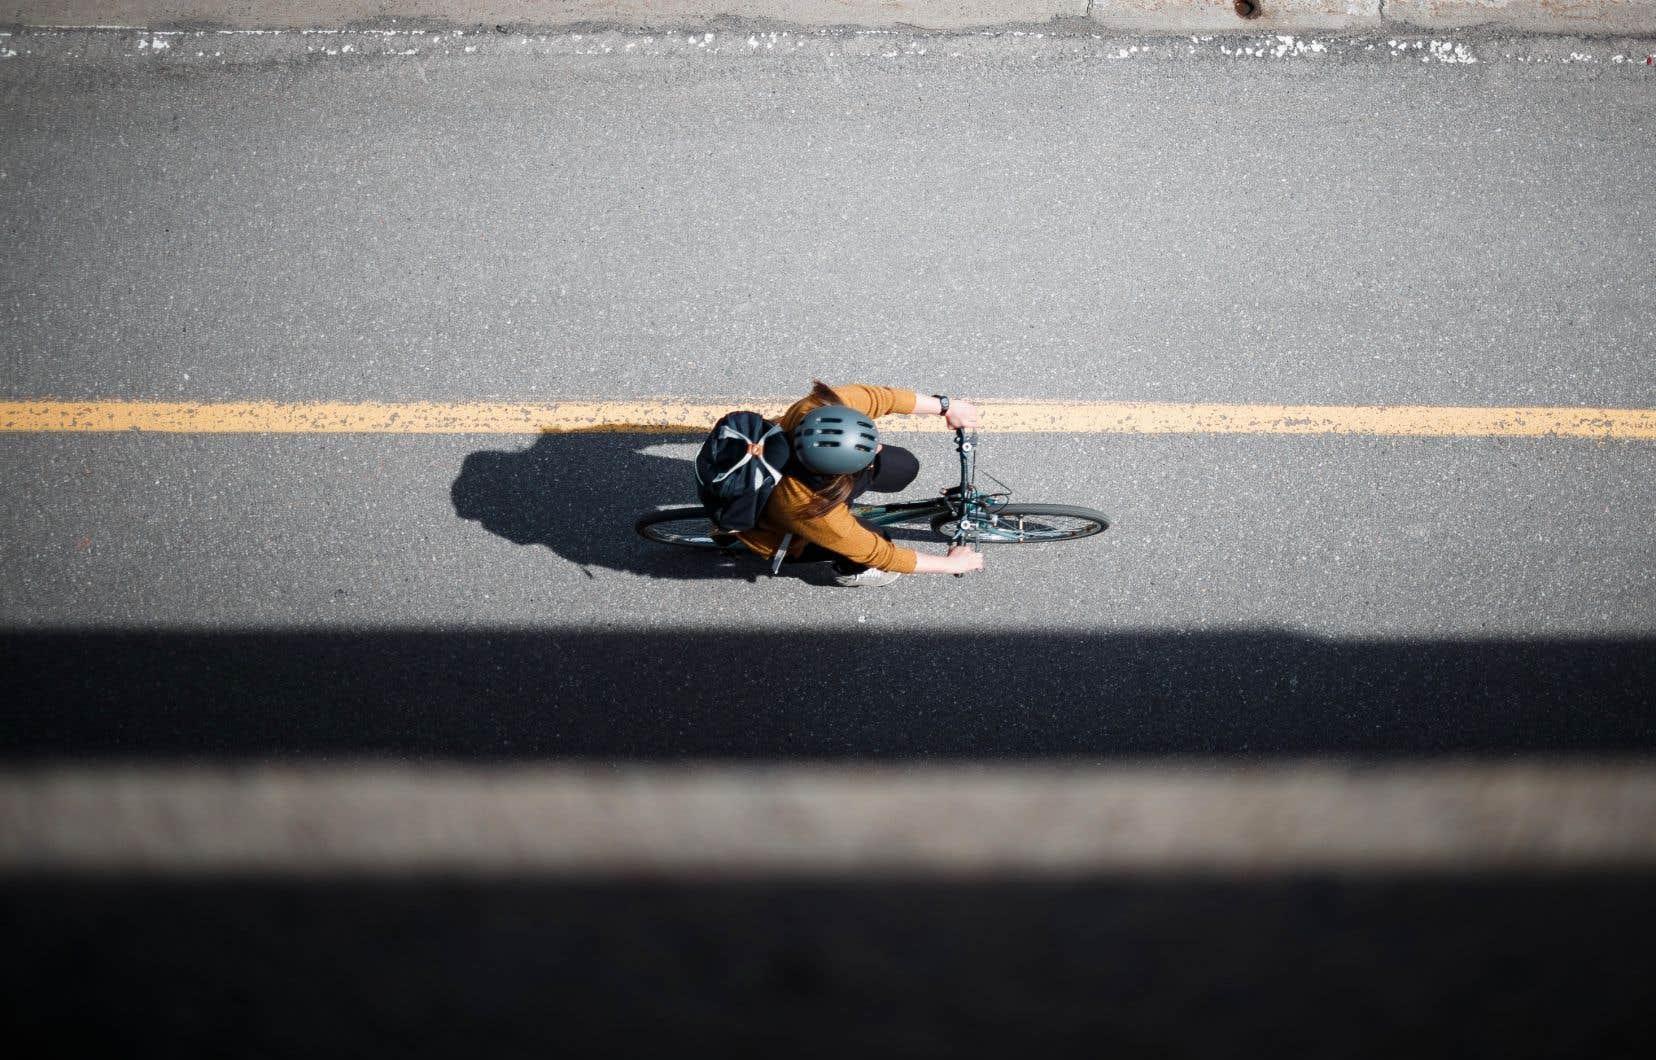 Depuis 2018, plus de 2800 places de stationnement ont été retirées pour faire place à des projets de pistes cyclables à Montréal.